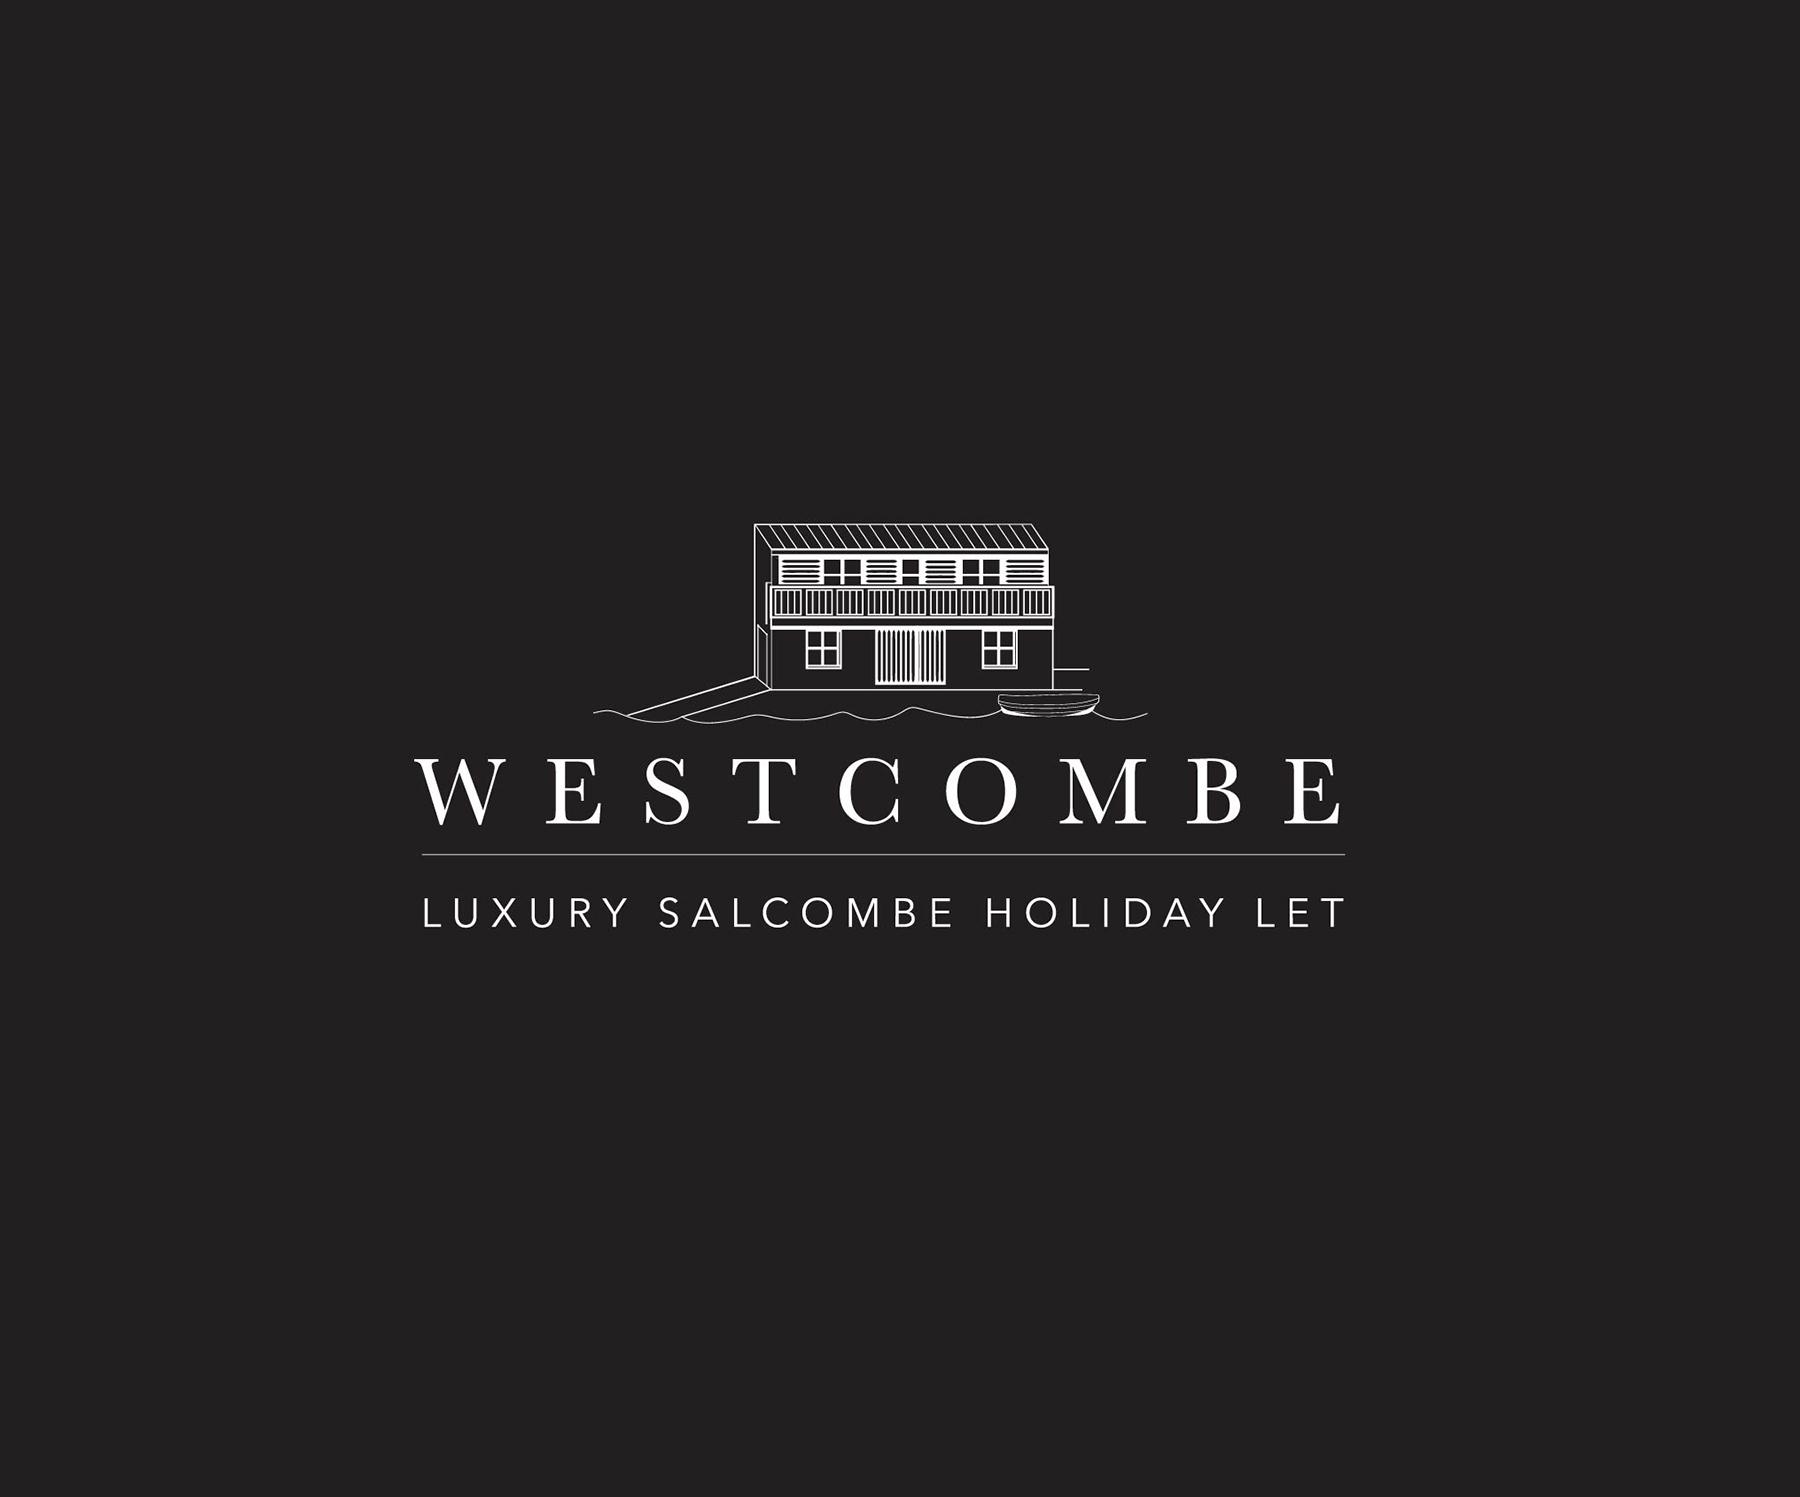 Westcombe